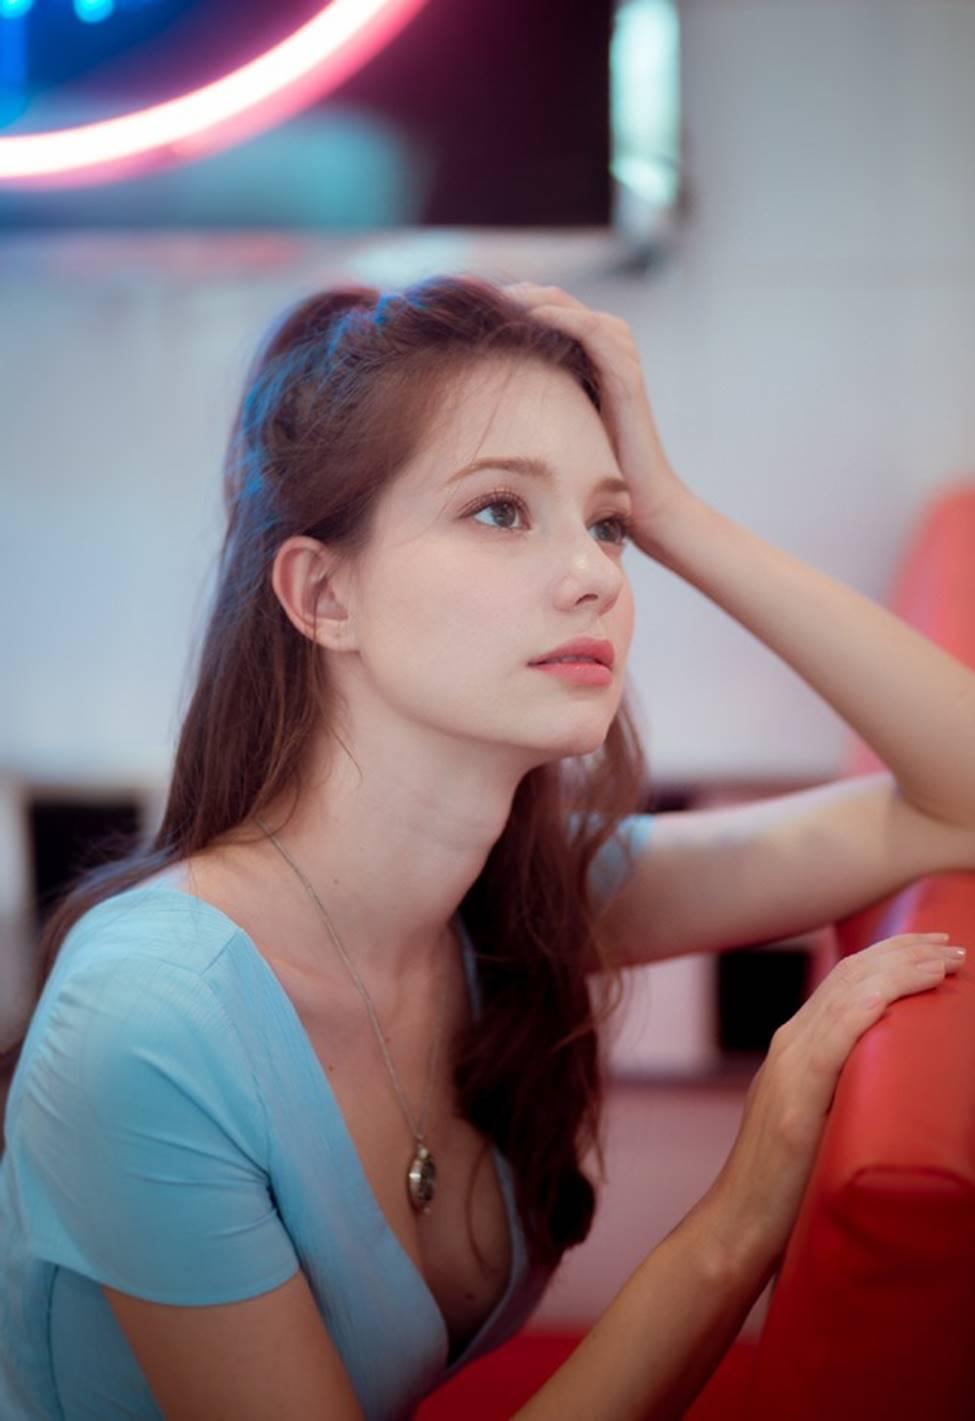 Vẻ đẹp của tiên nữ Đông Âu đang khiến thanh niên châu Á phát cuồng-16